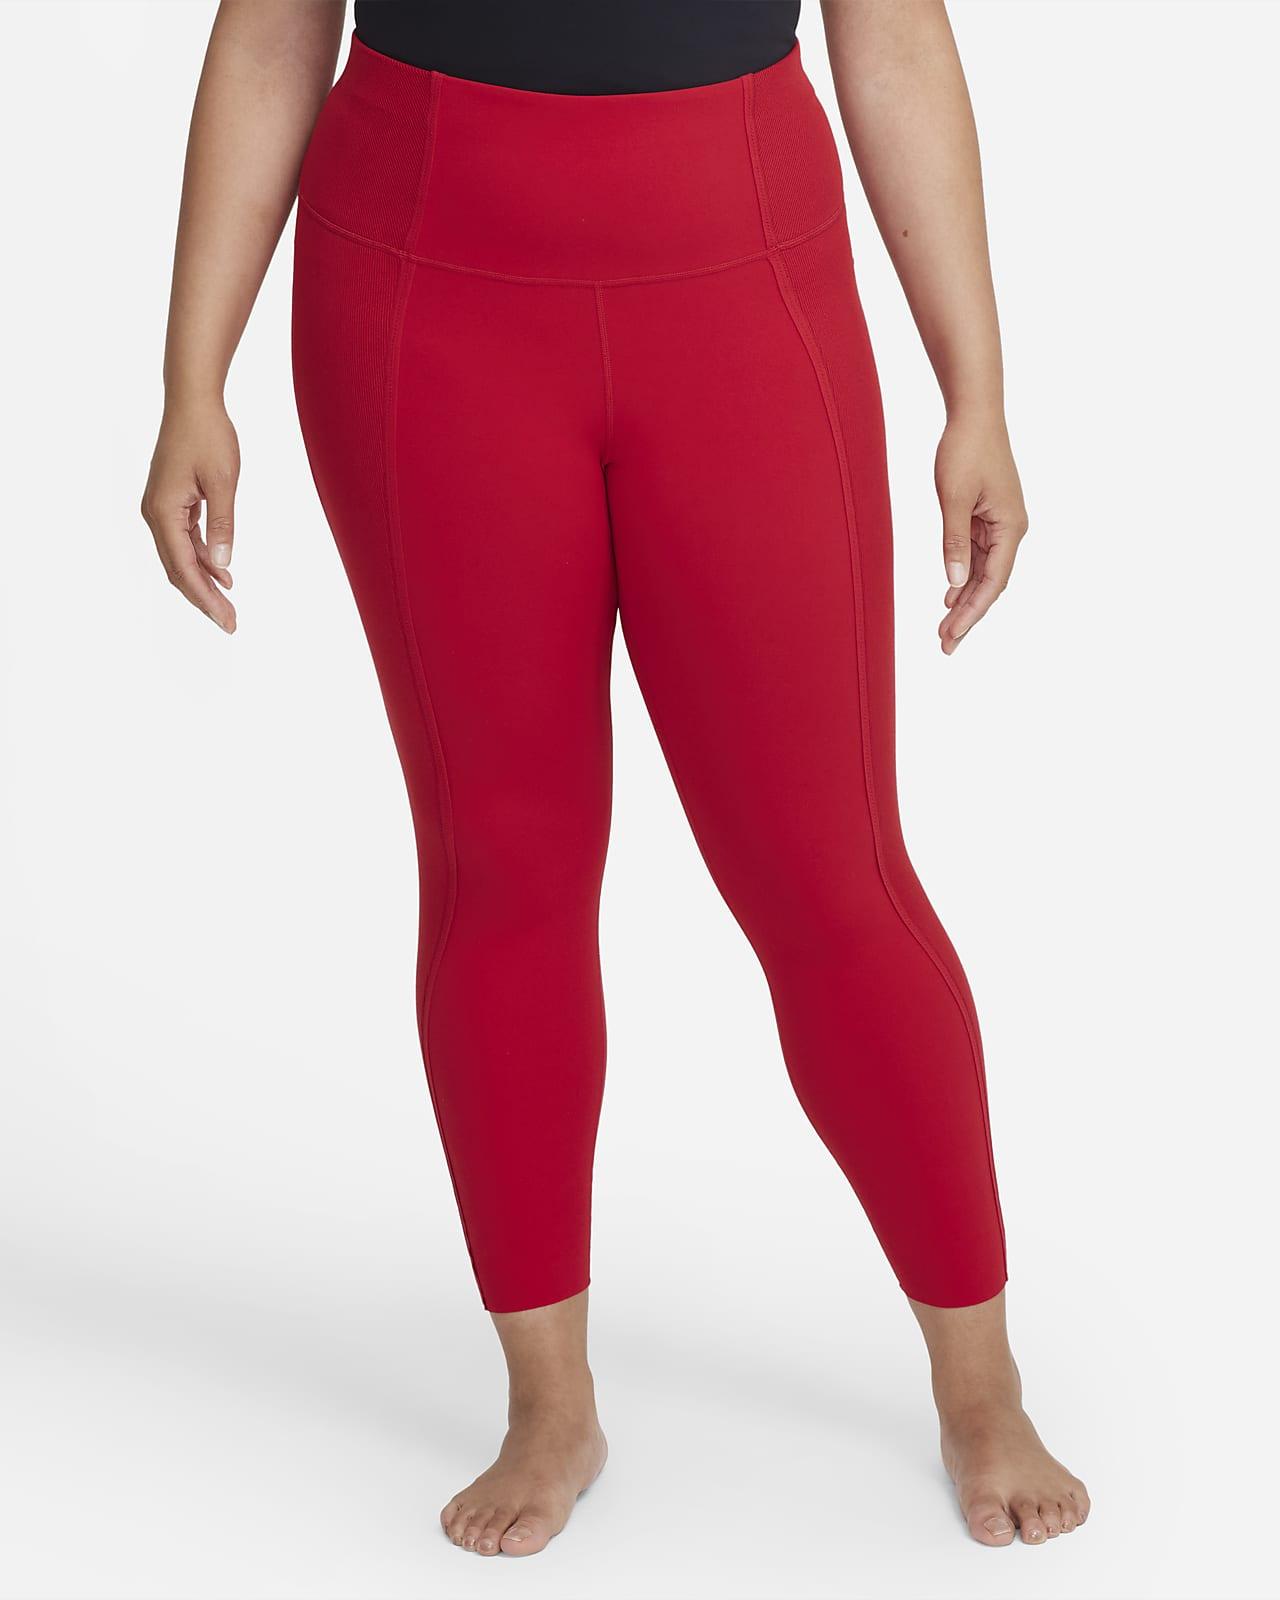 Leggings de tela Infinalon y cintura alta de 7/8 para mujer Nike Yoga Luxe Dri-FIT (talla grande)